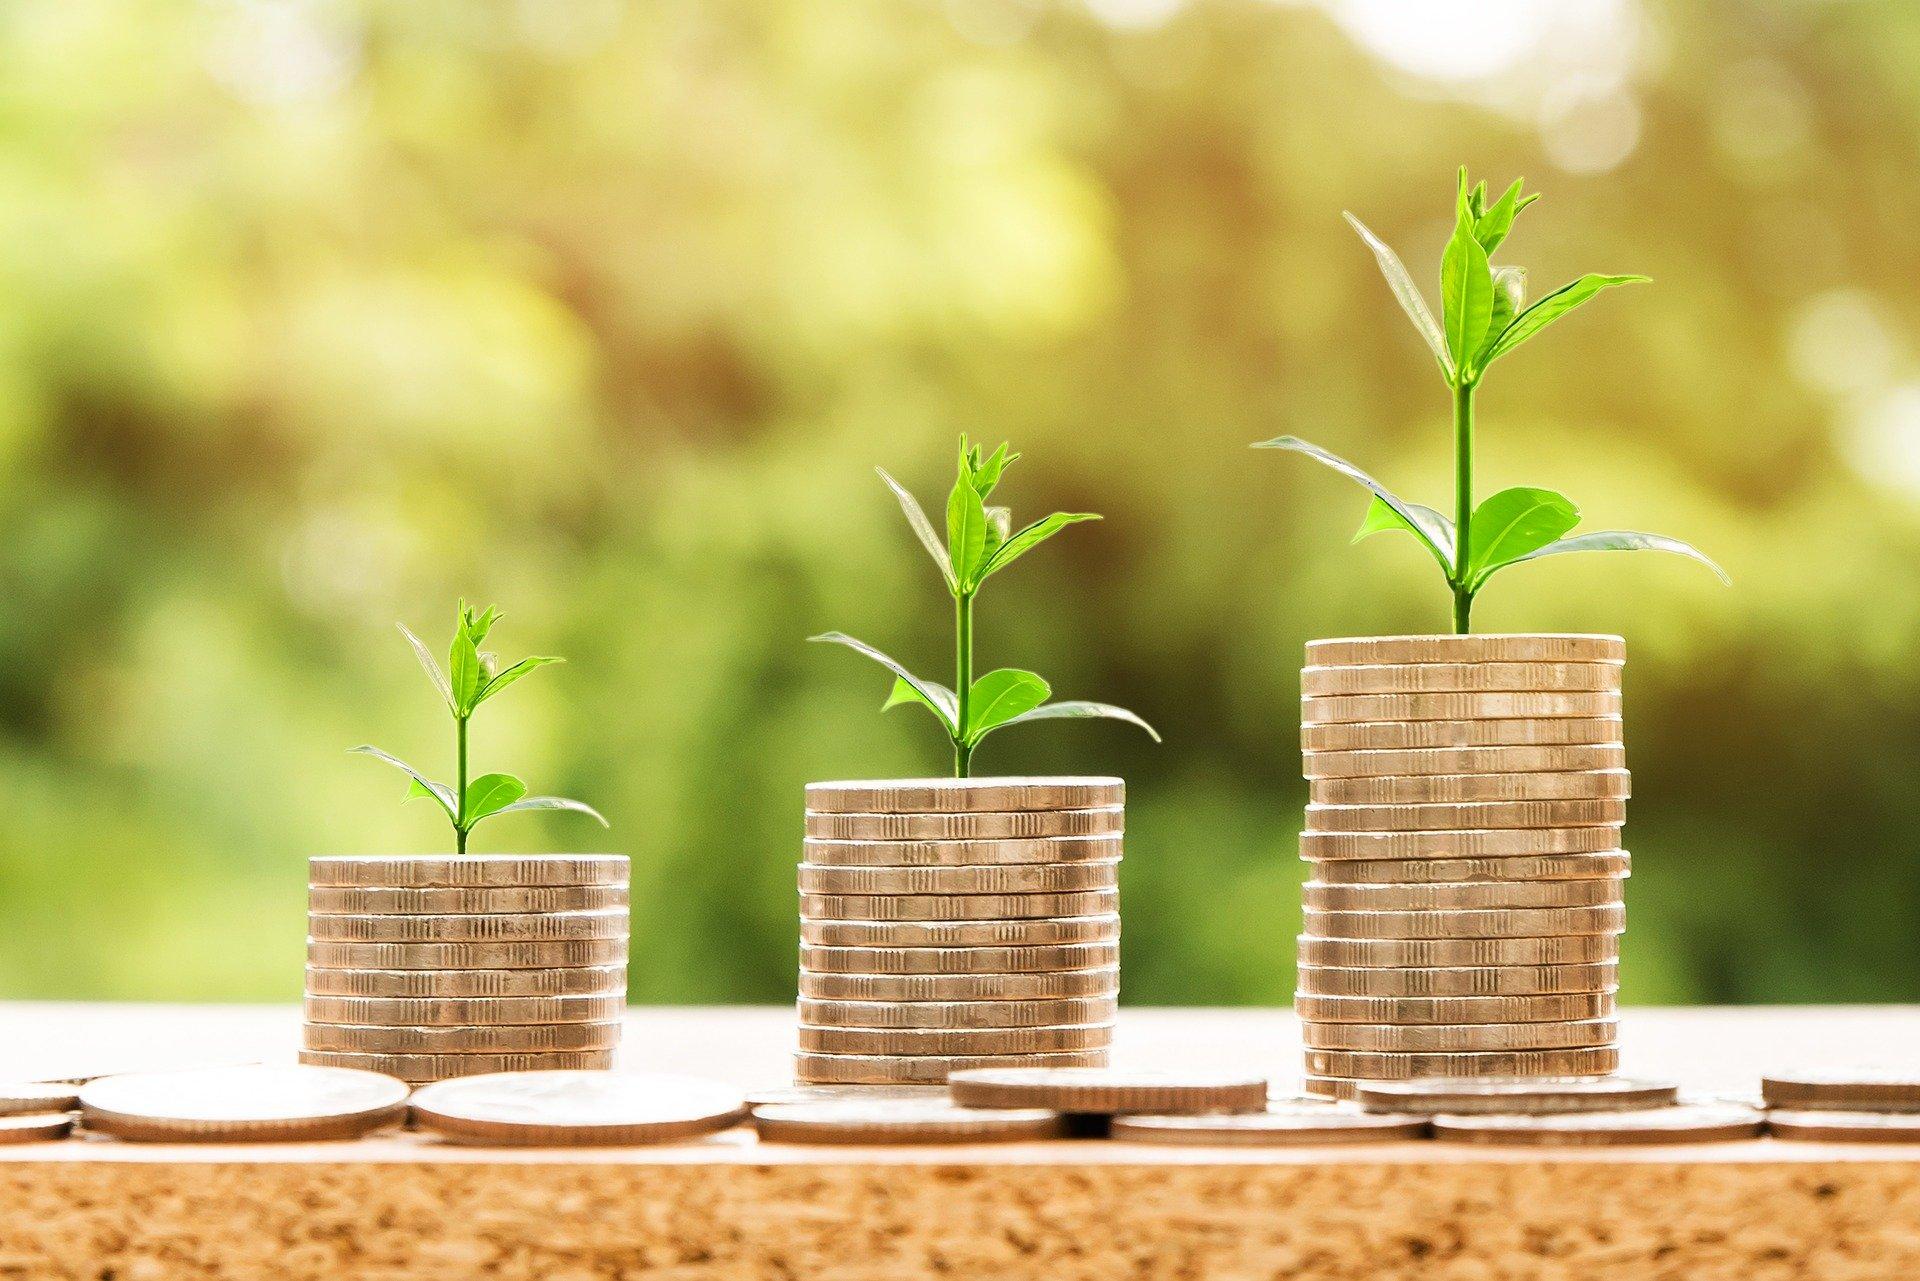 صورة تمثل الصدقة كأنك تزرع النقود لتثمر لاحقا